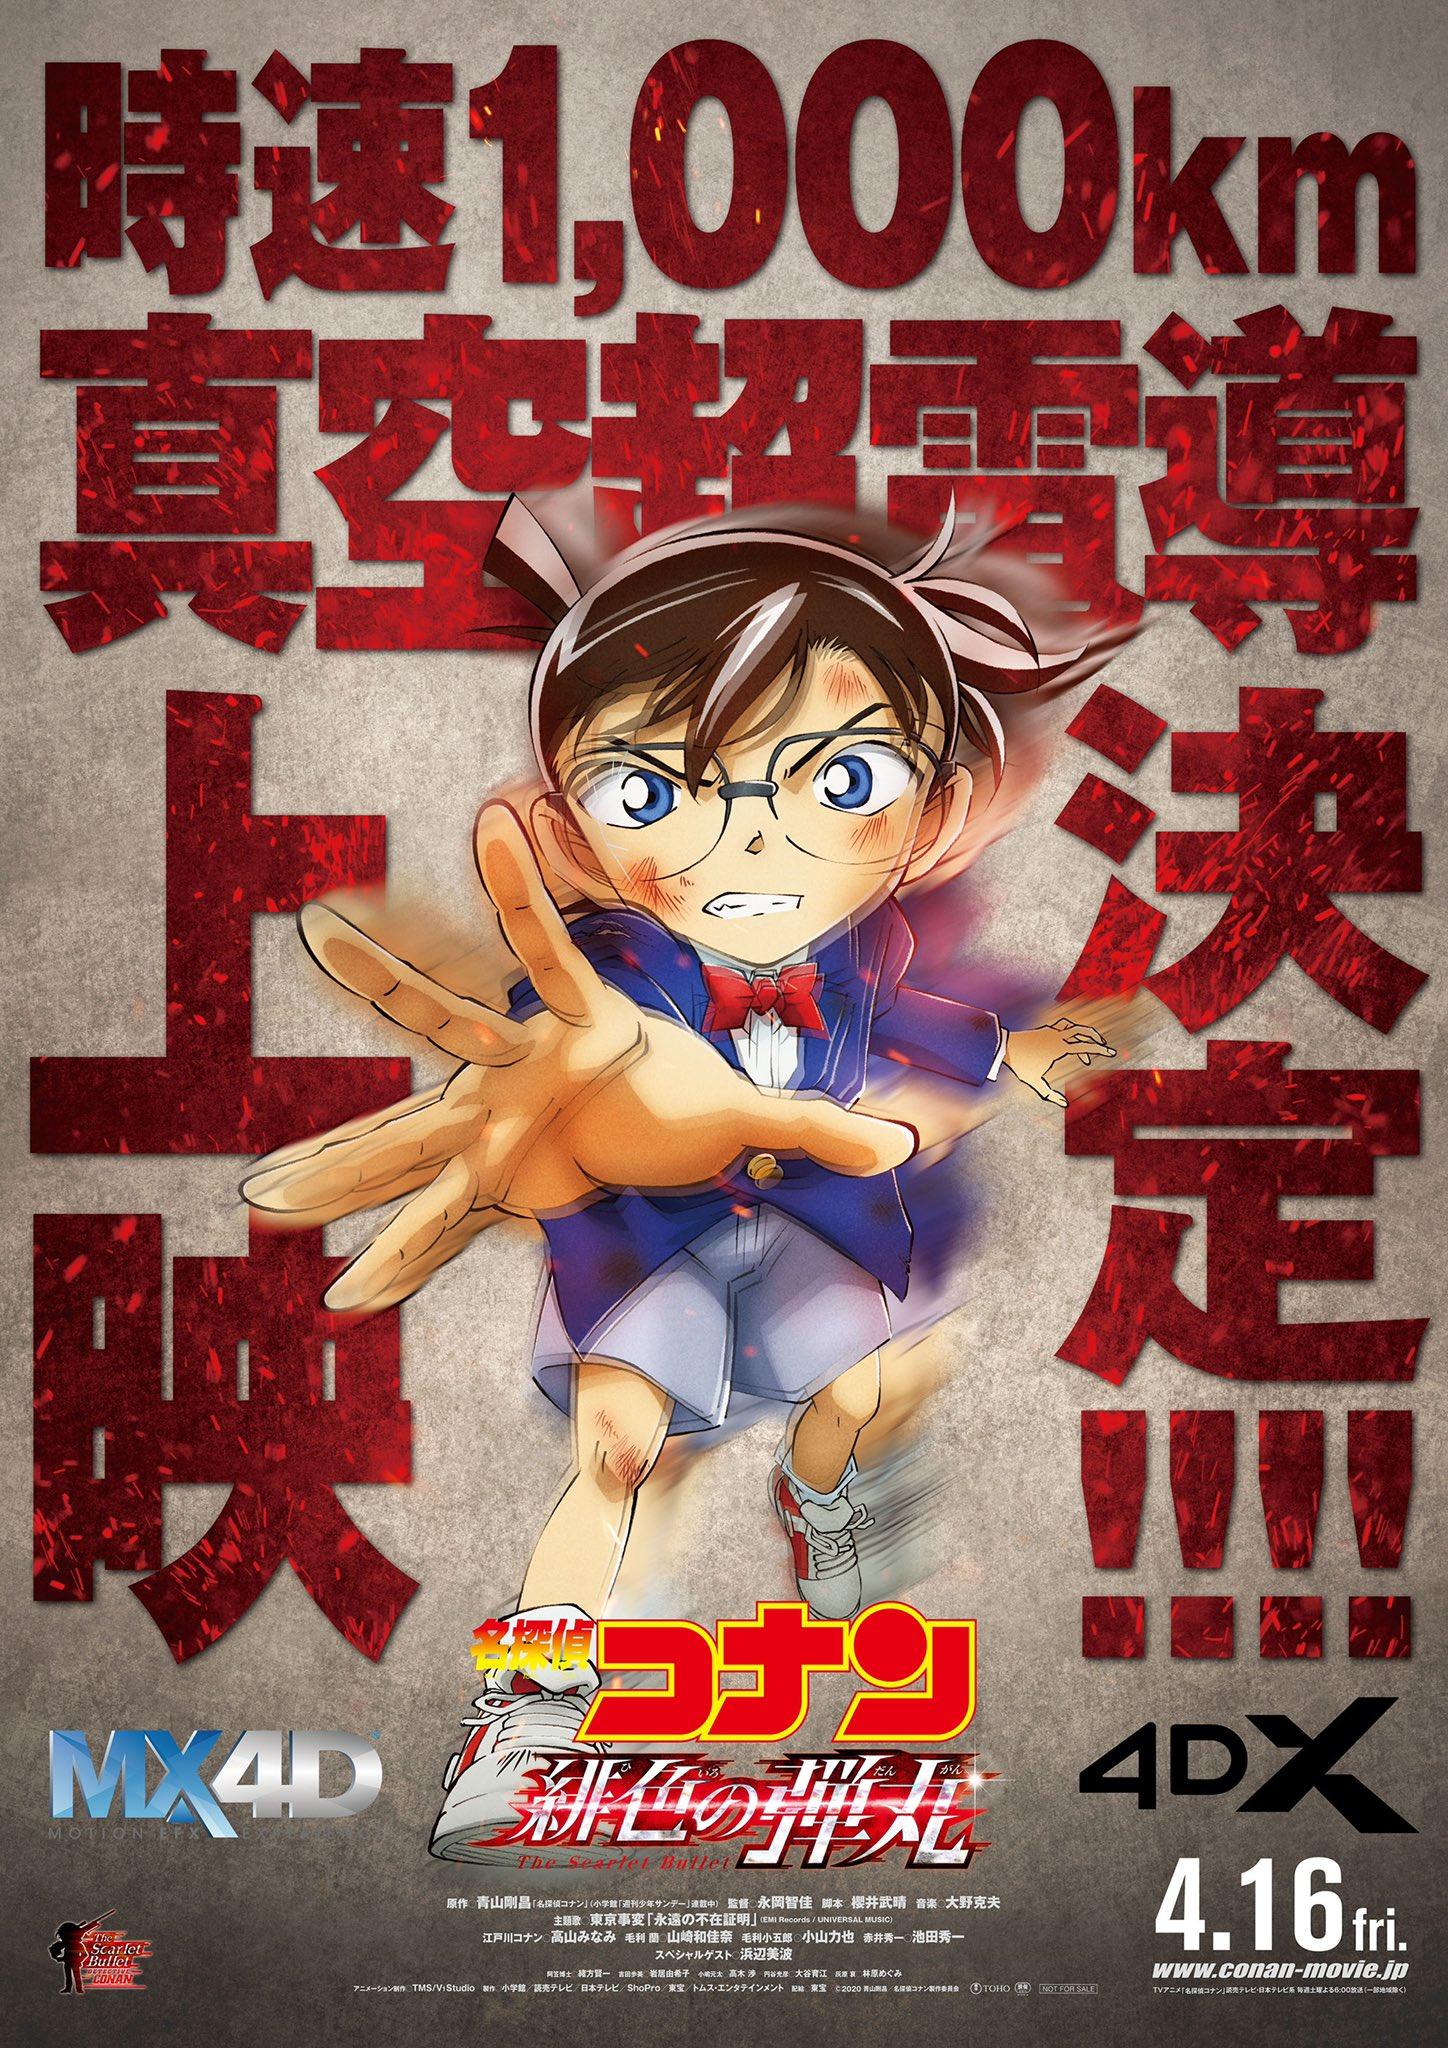 劇場版「名探偵コナン 緋色の弾丸」MX4D